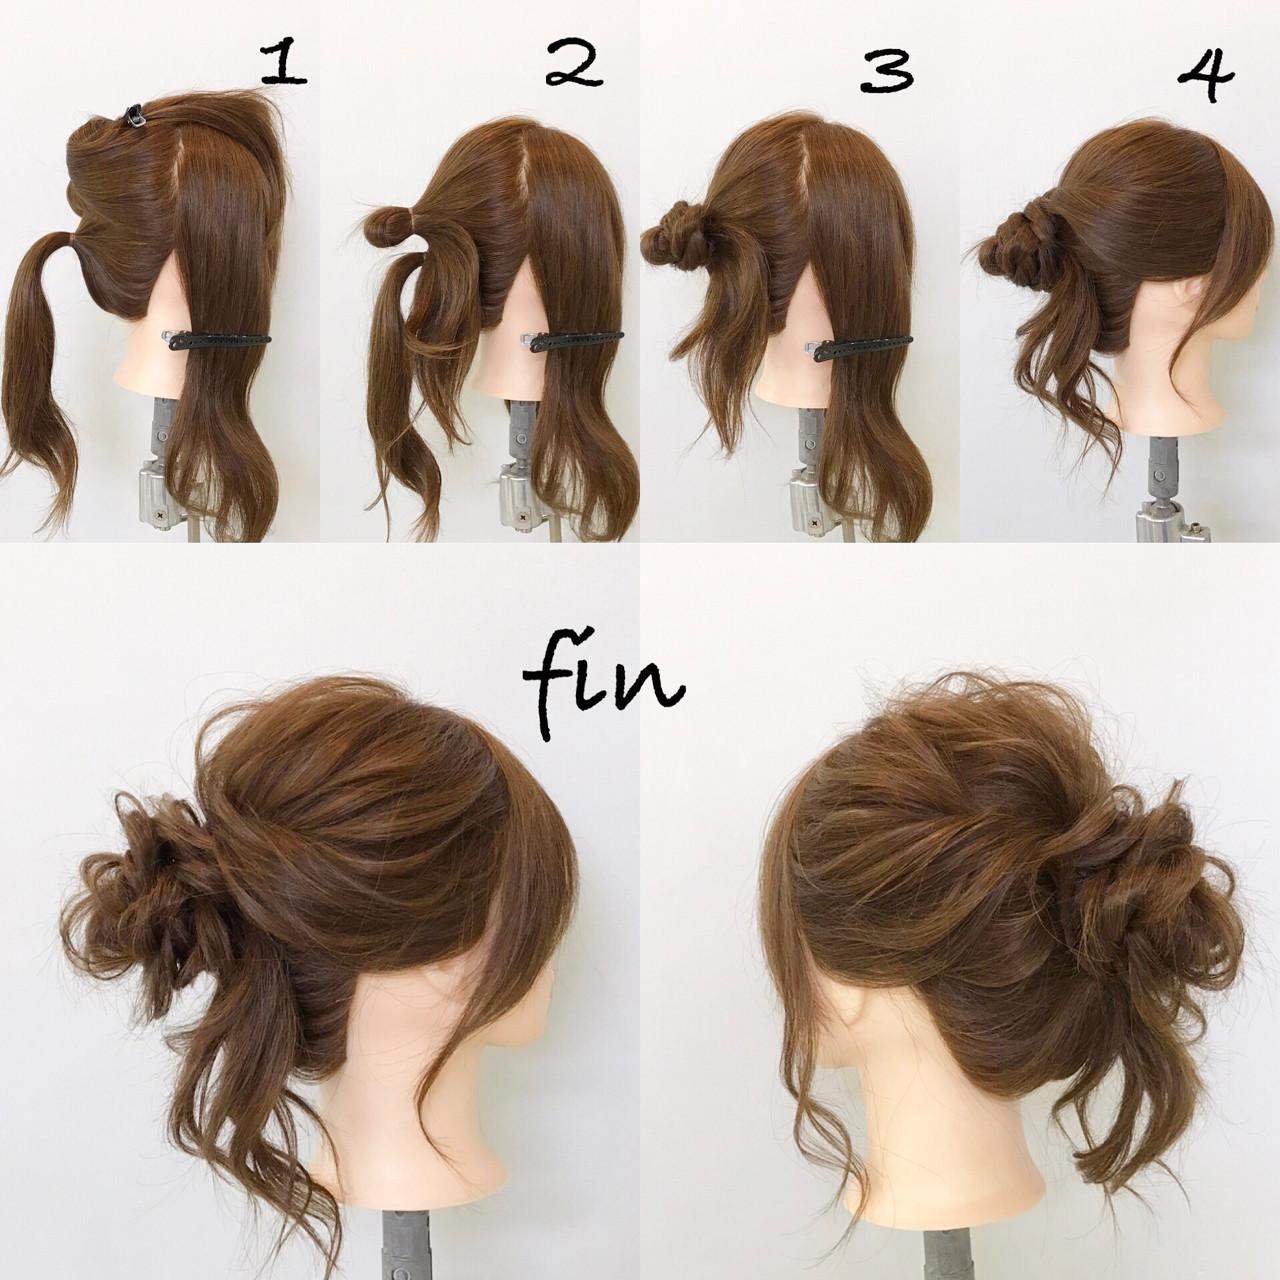 デート ゆるふわ ロング 簡単ヘアアレンジ ヘアスタイルや髪型の写真・画像